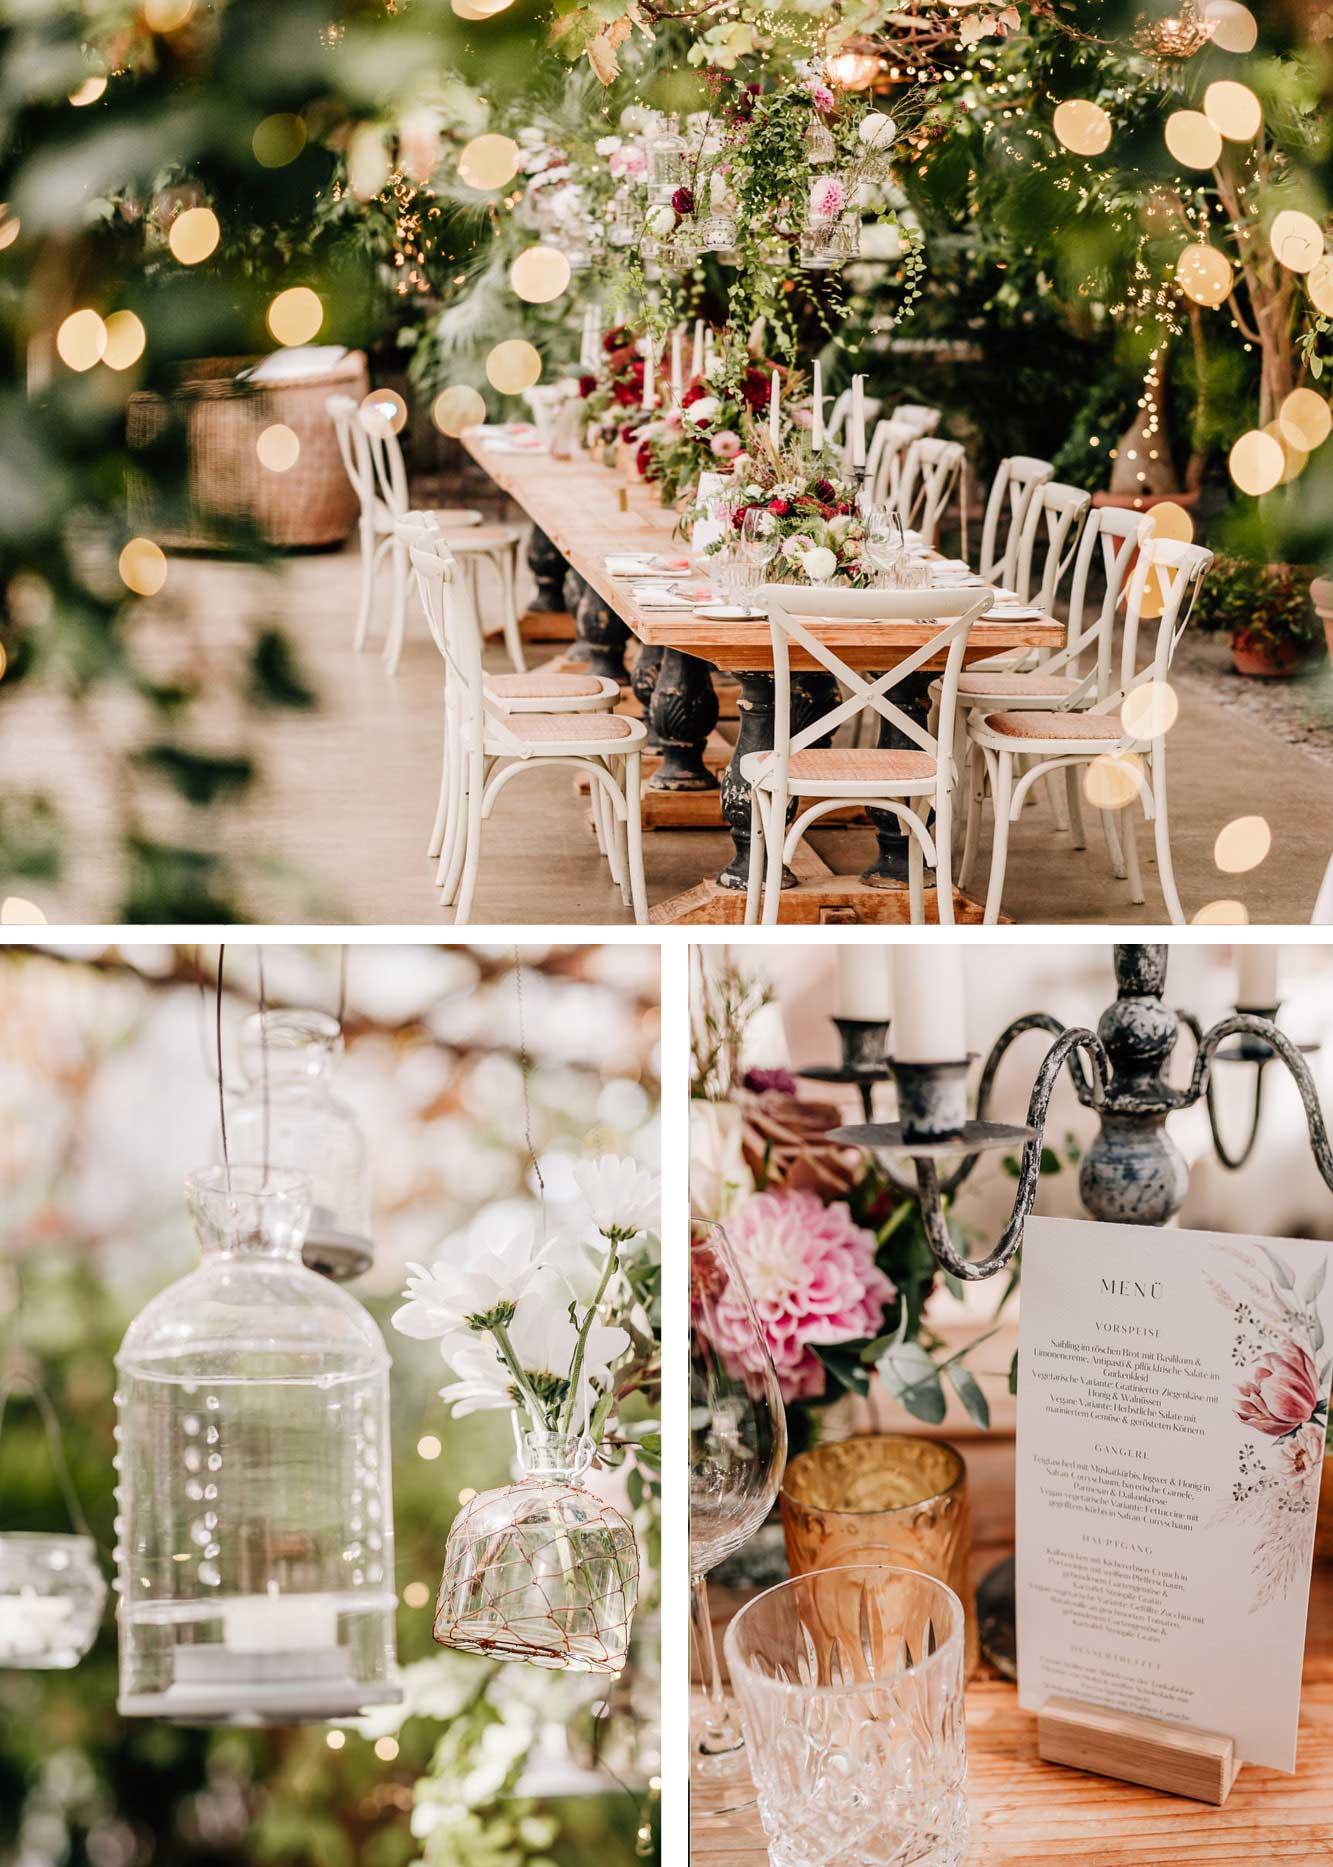 Dekoration kleine Hochzeit im Gewächshaus, Hochzeitstisch, Lampions, Einweggläser